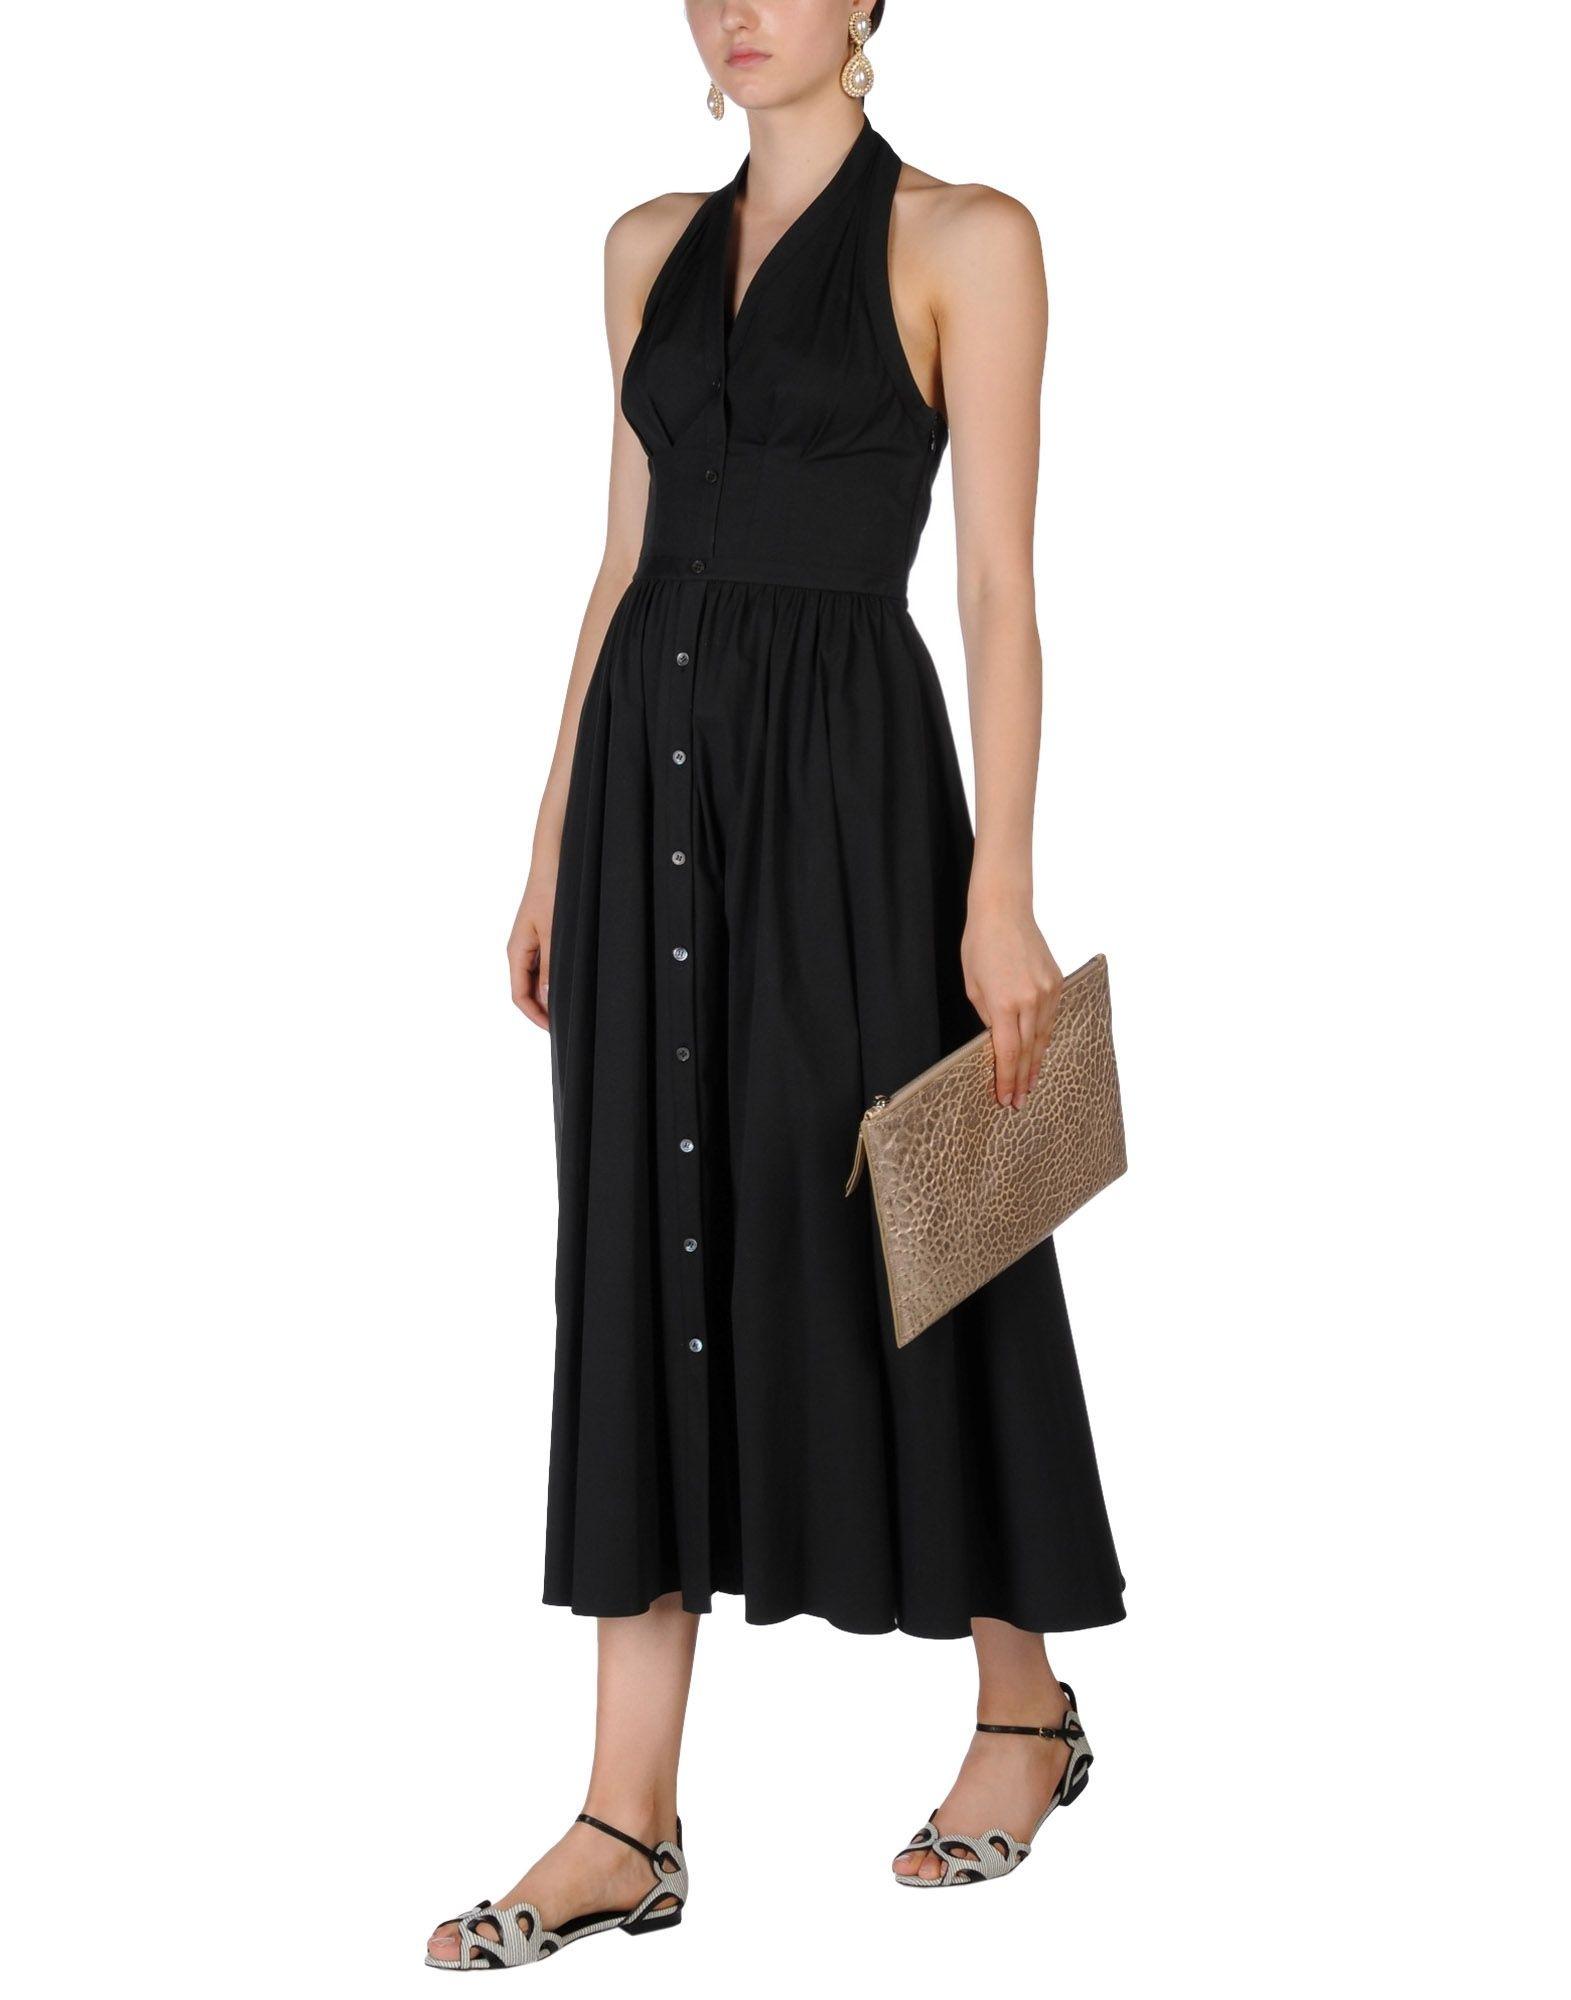 Erstaunlich Kleid Schwarz Midi Galerie Schön Kleid Schwarz Midi Boutique